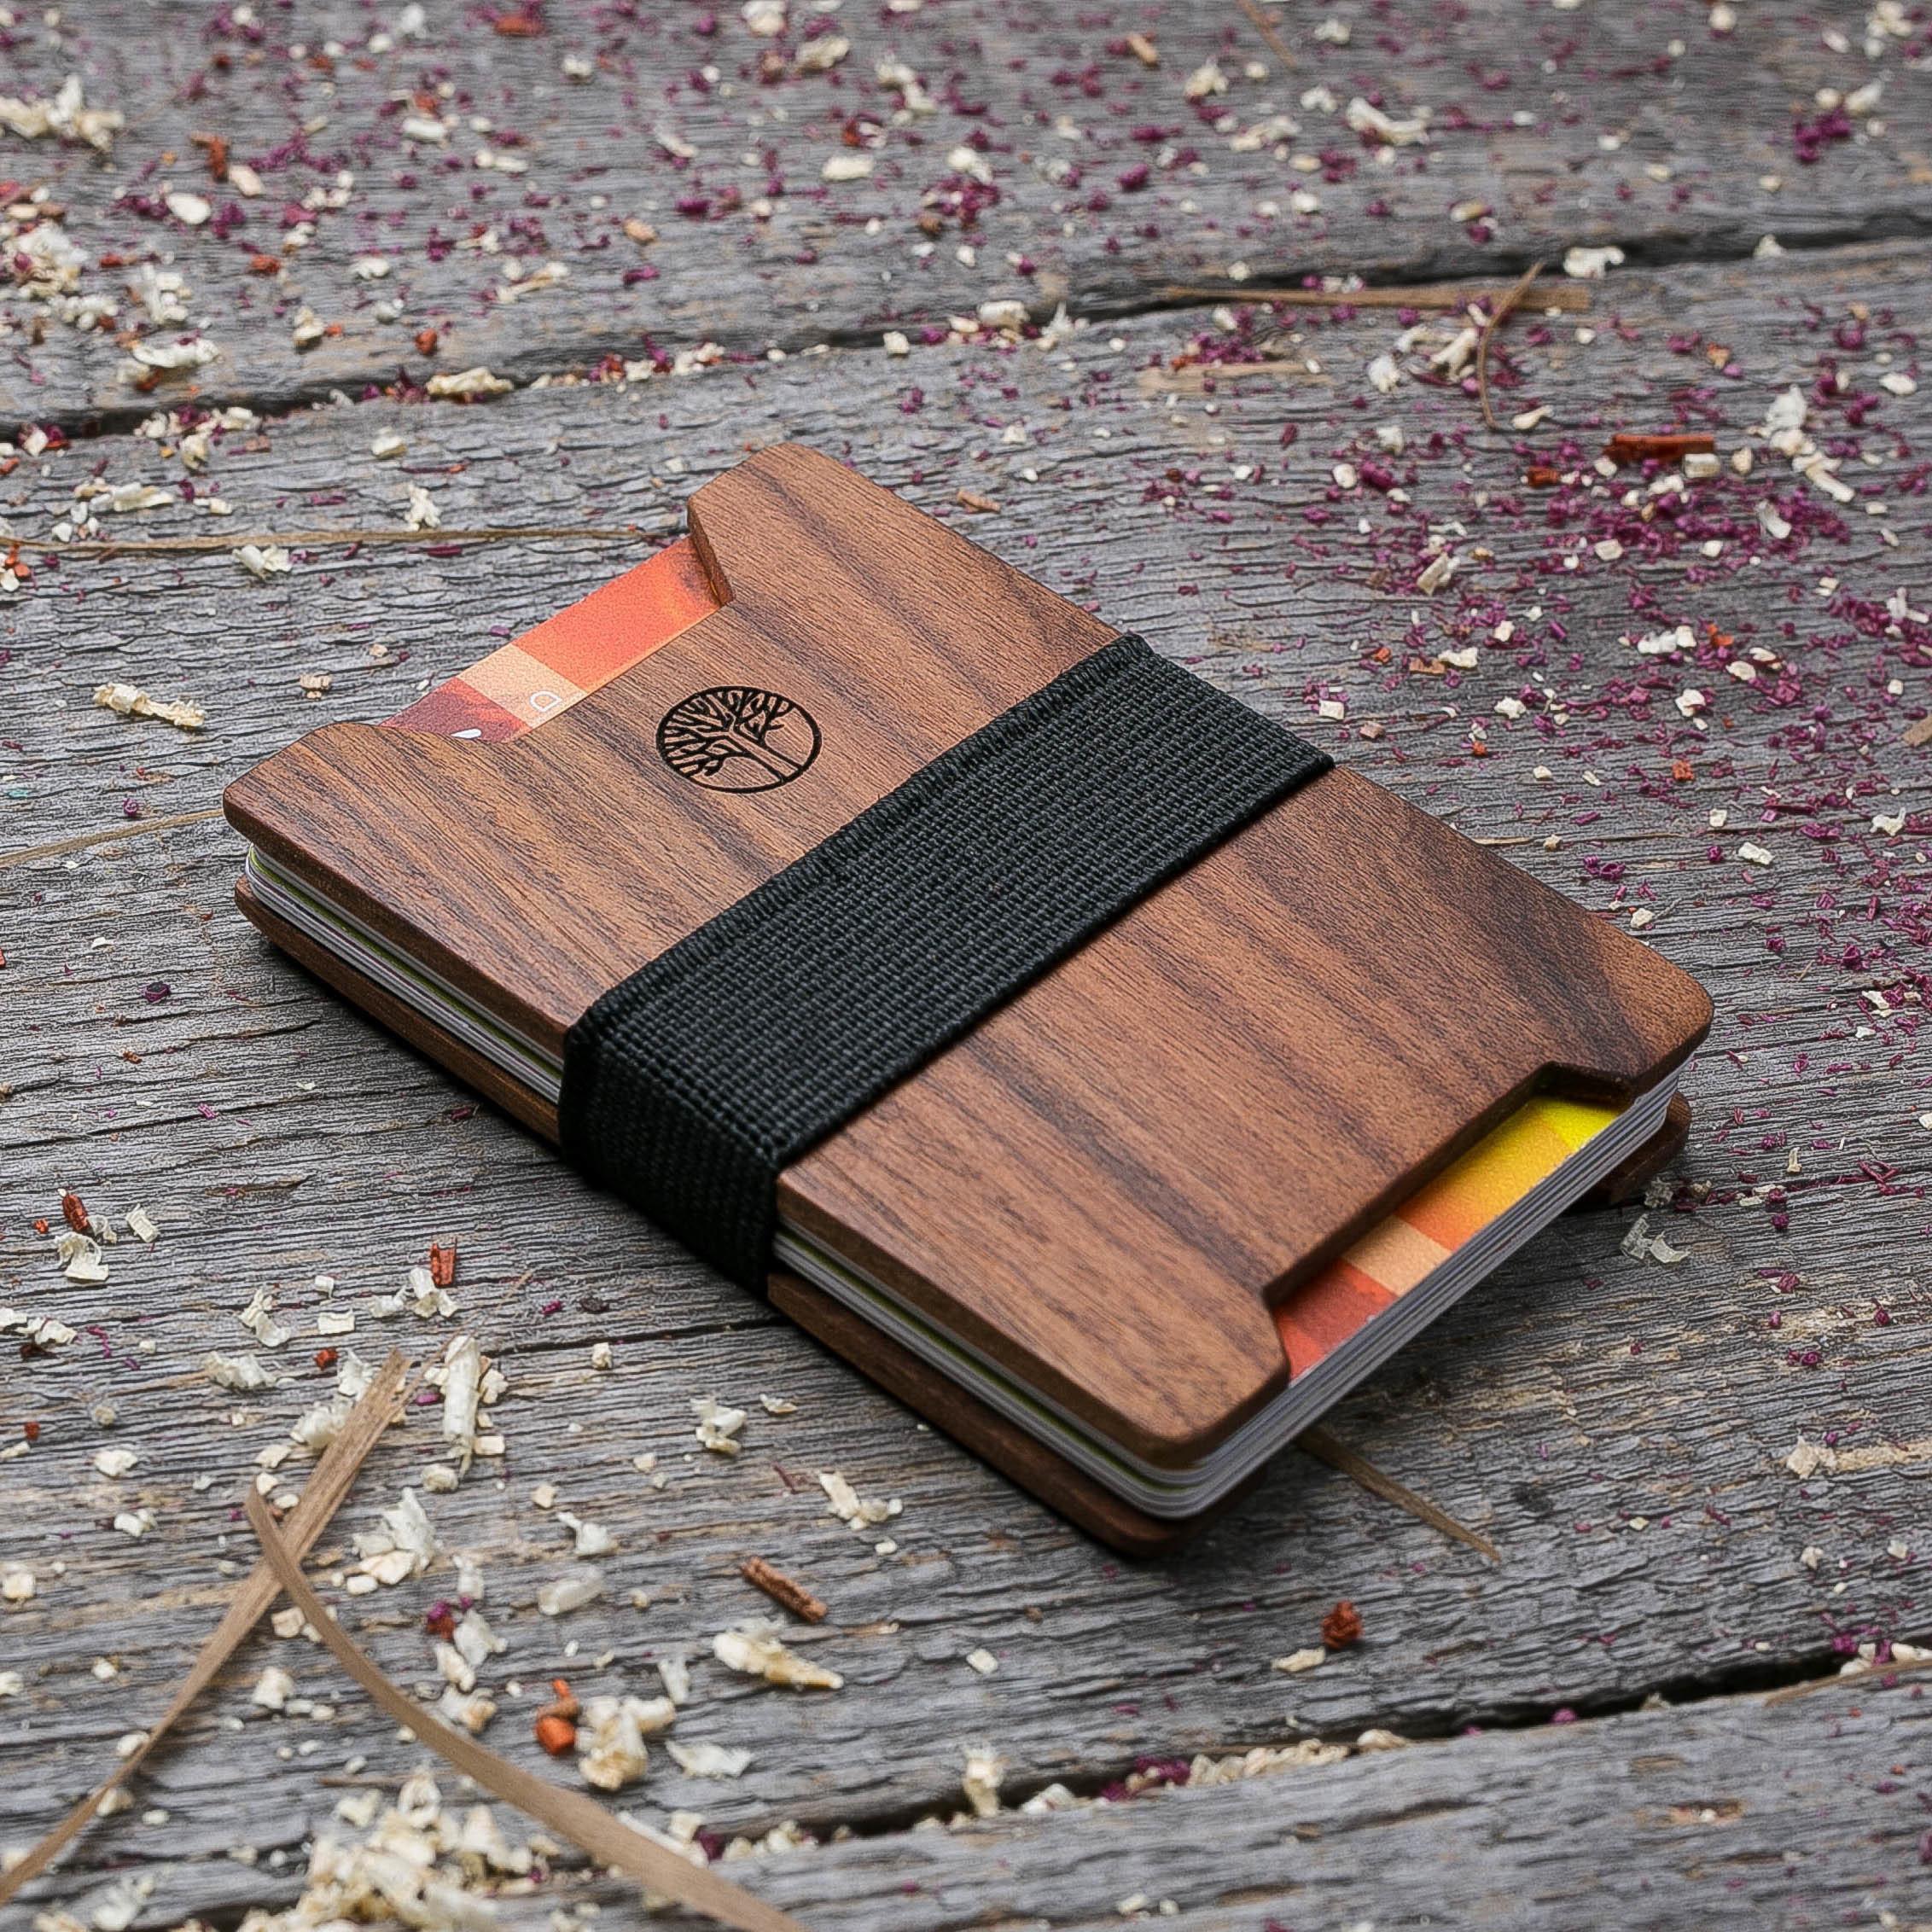 Мини кошелек-кардхолдер из дерева. Массив палисандра. Для 1-15 пластиковых карт и купюр. Подарок другу или бизнес партнеру, именной кошелек. Гравировка имени или логотипа + открытка из дерева TwinsMiniWallet-RosewoodV